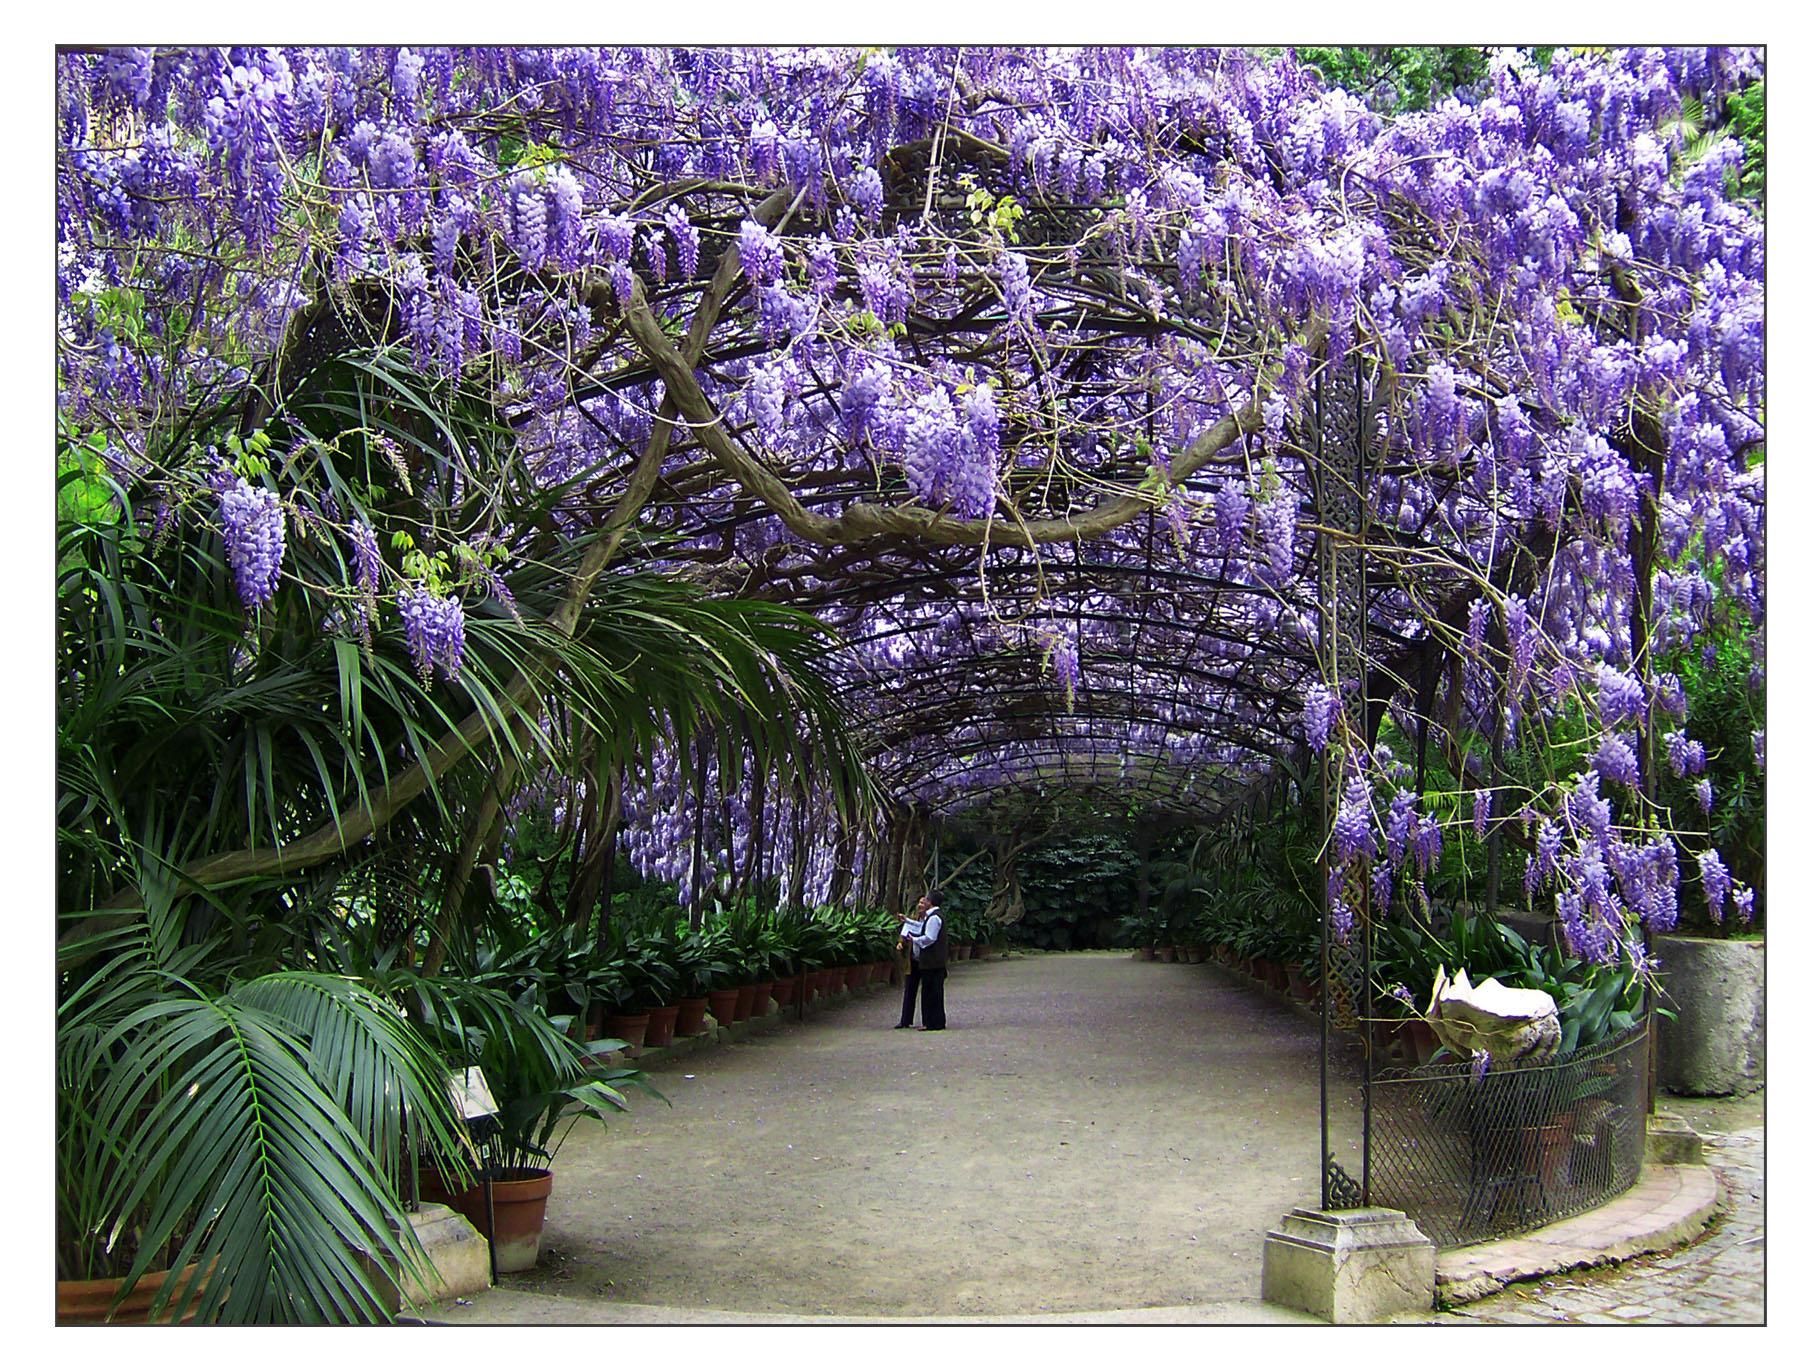 Glicinias en el cenador del jard n botanico hist rico la for Jardin botanico en sevilla